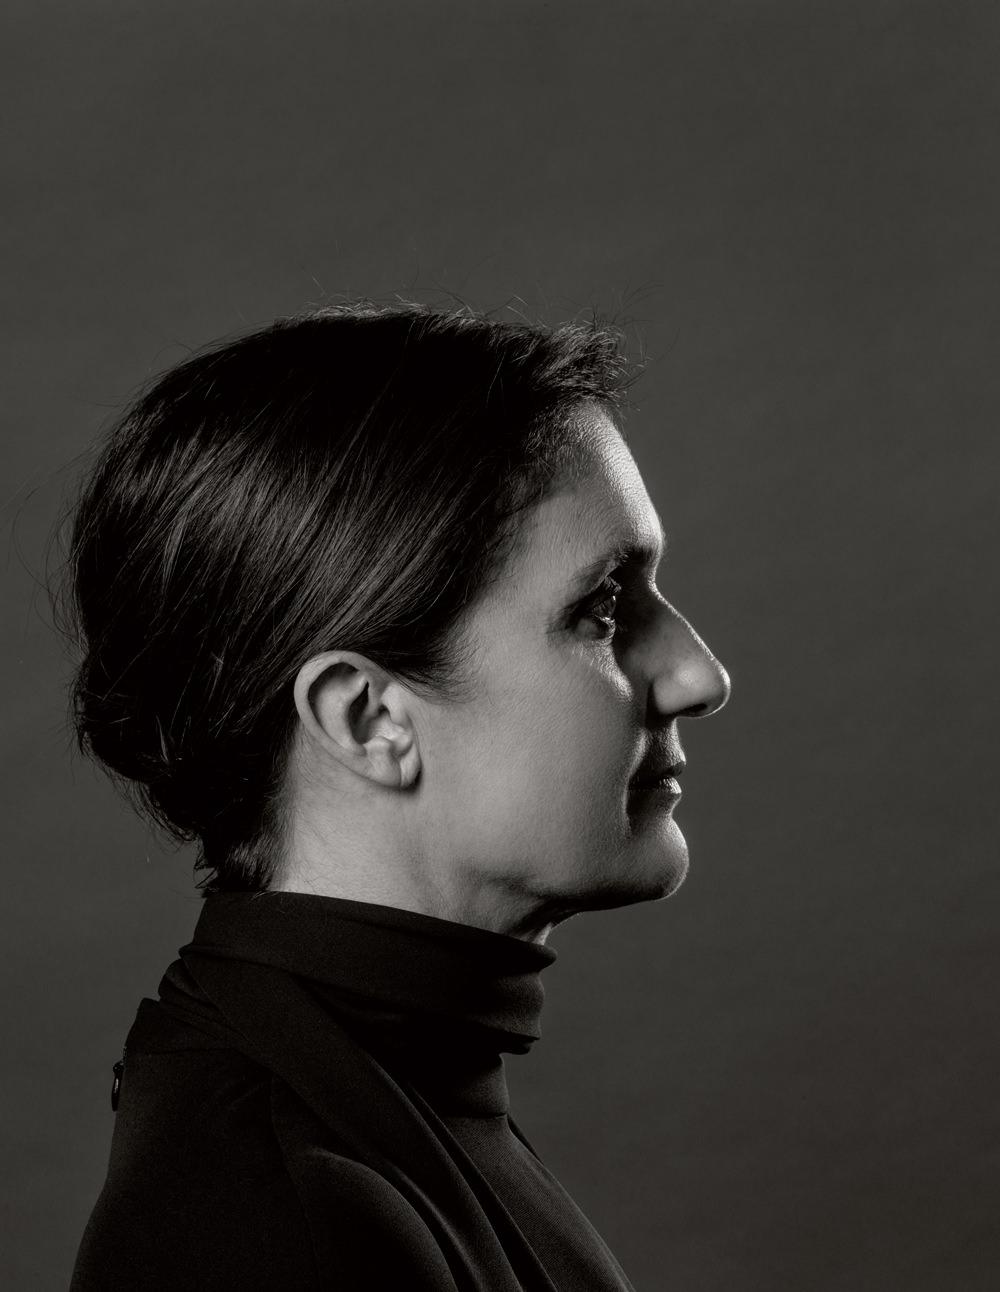 """Portrait : Pierre Even   Première femme nommée à la direction artistique deDior, Maria Grazia Chiuri était à la tête de la maison Valentino depuis 2008.  Née à Rome, Maria Grazia Chiuri est profondément amoureuse de la Ville éternelle. Durant leurs interviews communes en tant que codirecteurs artistiques de la maison Valentino, le duo qu'elle composait avec Pierpaolo Piccioli expliquait souvent qu'il ne passait jamais plus d'une journée à Milan.  Dès ses débuts, son parcours professionnel plus que parfait s'est lui aussi inscrit en résonance avec la Ville éternelle et ses maisons mythiques, Fendi et Valentino. Après avoir étudié à Rome, à l'European Institute of Design, la créatrice a obtenu un poste chez Fendi (où elle a immédiatement appelé son ami Pierpaolo à la rejoindre) et s'est spécialisée dans les accessoires. C'est à la tête de ce secteur que Maria Grazia et Pierpaolo se sont ensuite illustrés chez Valentino avant de devenir, en 2008, codirectrice artistique (toujours avec Pierpaolo) de toutes les lignes de la grande maison romaine.  Une des principales inspirations de Maria Grazia est la musique: elle a notamment emmené ses amis écouter le concert de clarinette de Woody Allen, un jour de voyage à New York. Pour savoir ce qui est cool et rester connectée à l'actualité culturelle alors qu'elle travaille d'arrache-pied, Maria Grazia compte sur ses enfants: """"Je suis très chanceuse, car mes enfants me disent ce qui est cool. Ils me nourrissent d'informations culturelles, ils me parlent du monde, car la mode n'est pas seulement une question de vêtements, c'est une question d'époque. Il faut connaître son époque, et la musique et les livres sont une bonne façon de le faire.""""  Généreuse, Maria Grazia s'est régulièrement investie dans une opération caritative, Cash & Rocket on Tour, au concept détonant: un rallye automobile réservé aux femmes et organisé par des associations humanitaires. L'idée en est simple: afin de recueillir des dons pour des associations venan"""